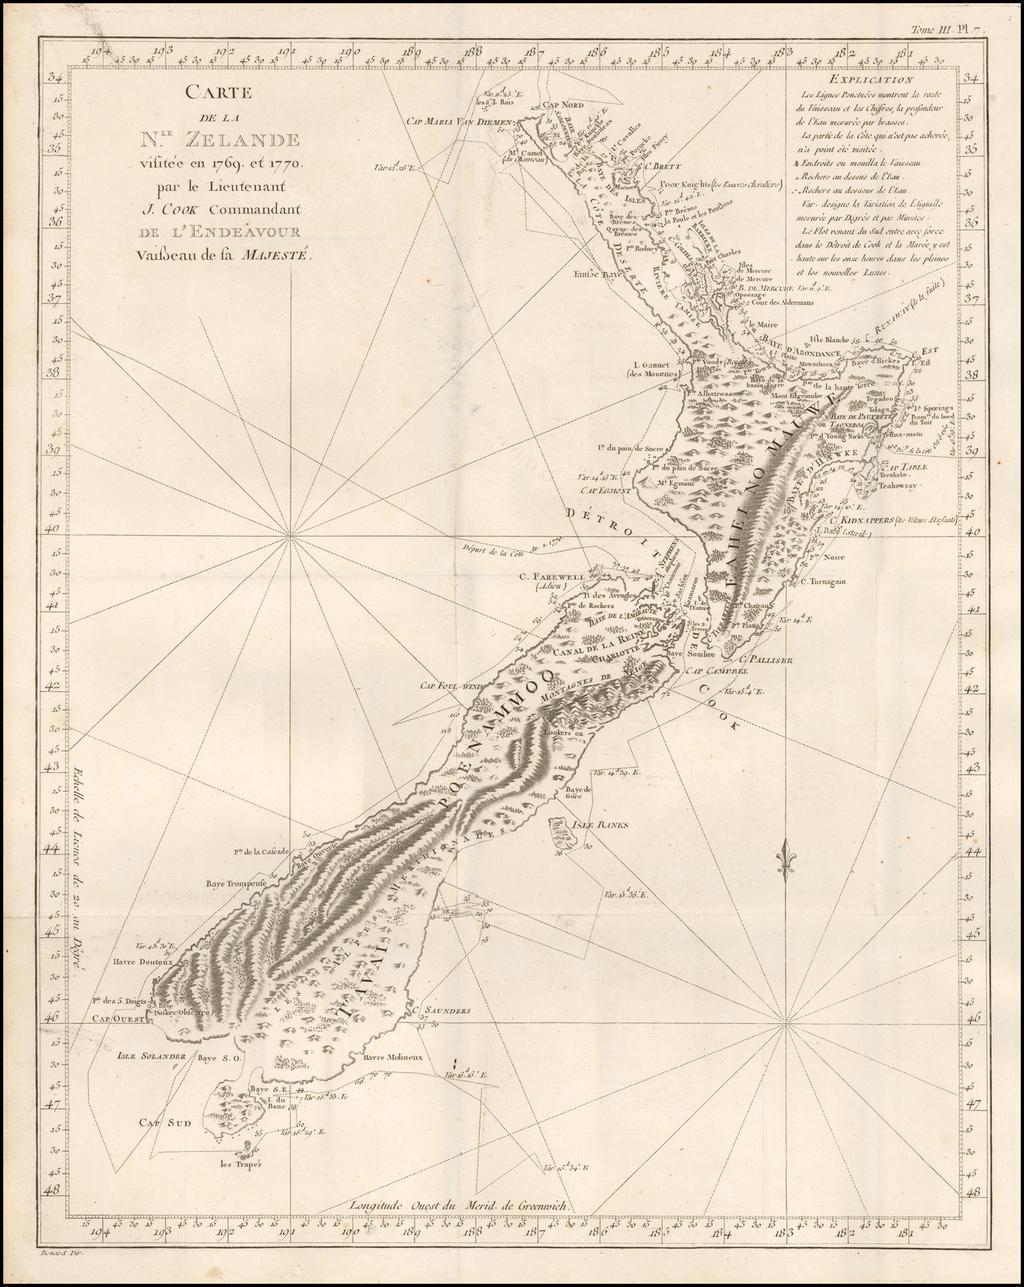 Carte De La Nle.Zelande visitee en 1769 et 1770 par le Lieutenant J. Cook Commandant De L'Endeavor Vaisseau de la Majeste By James Cook